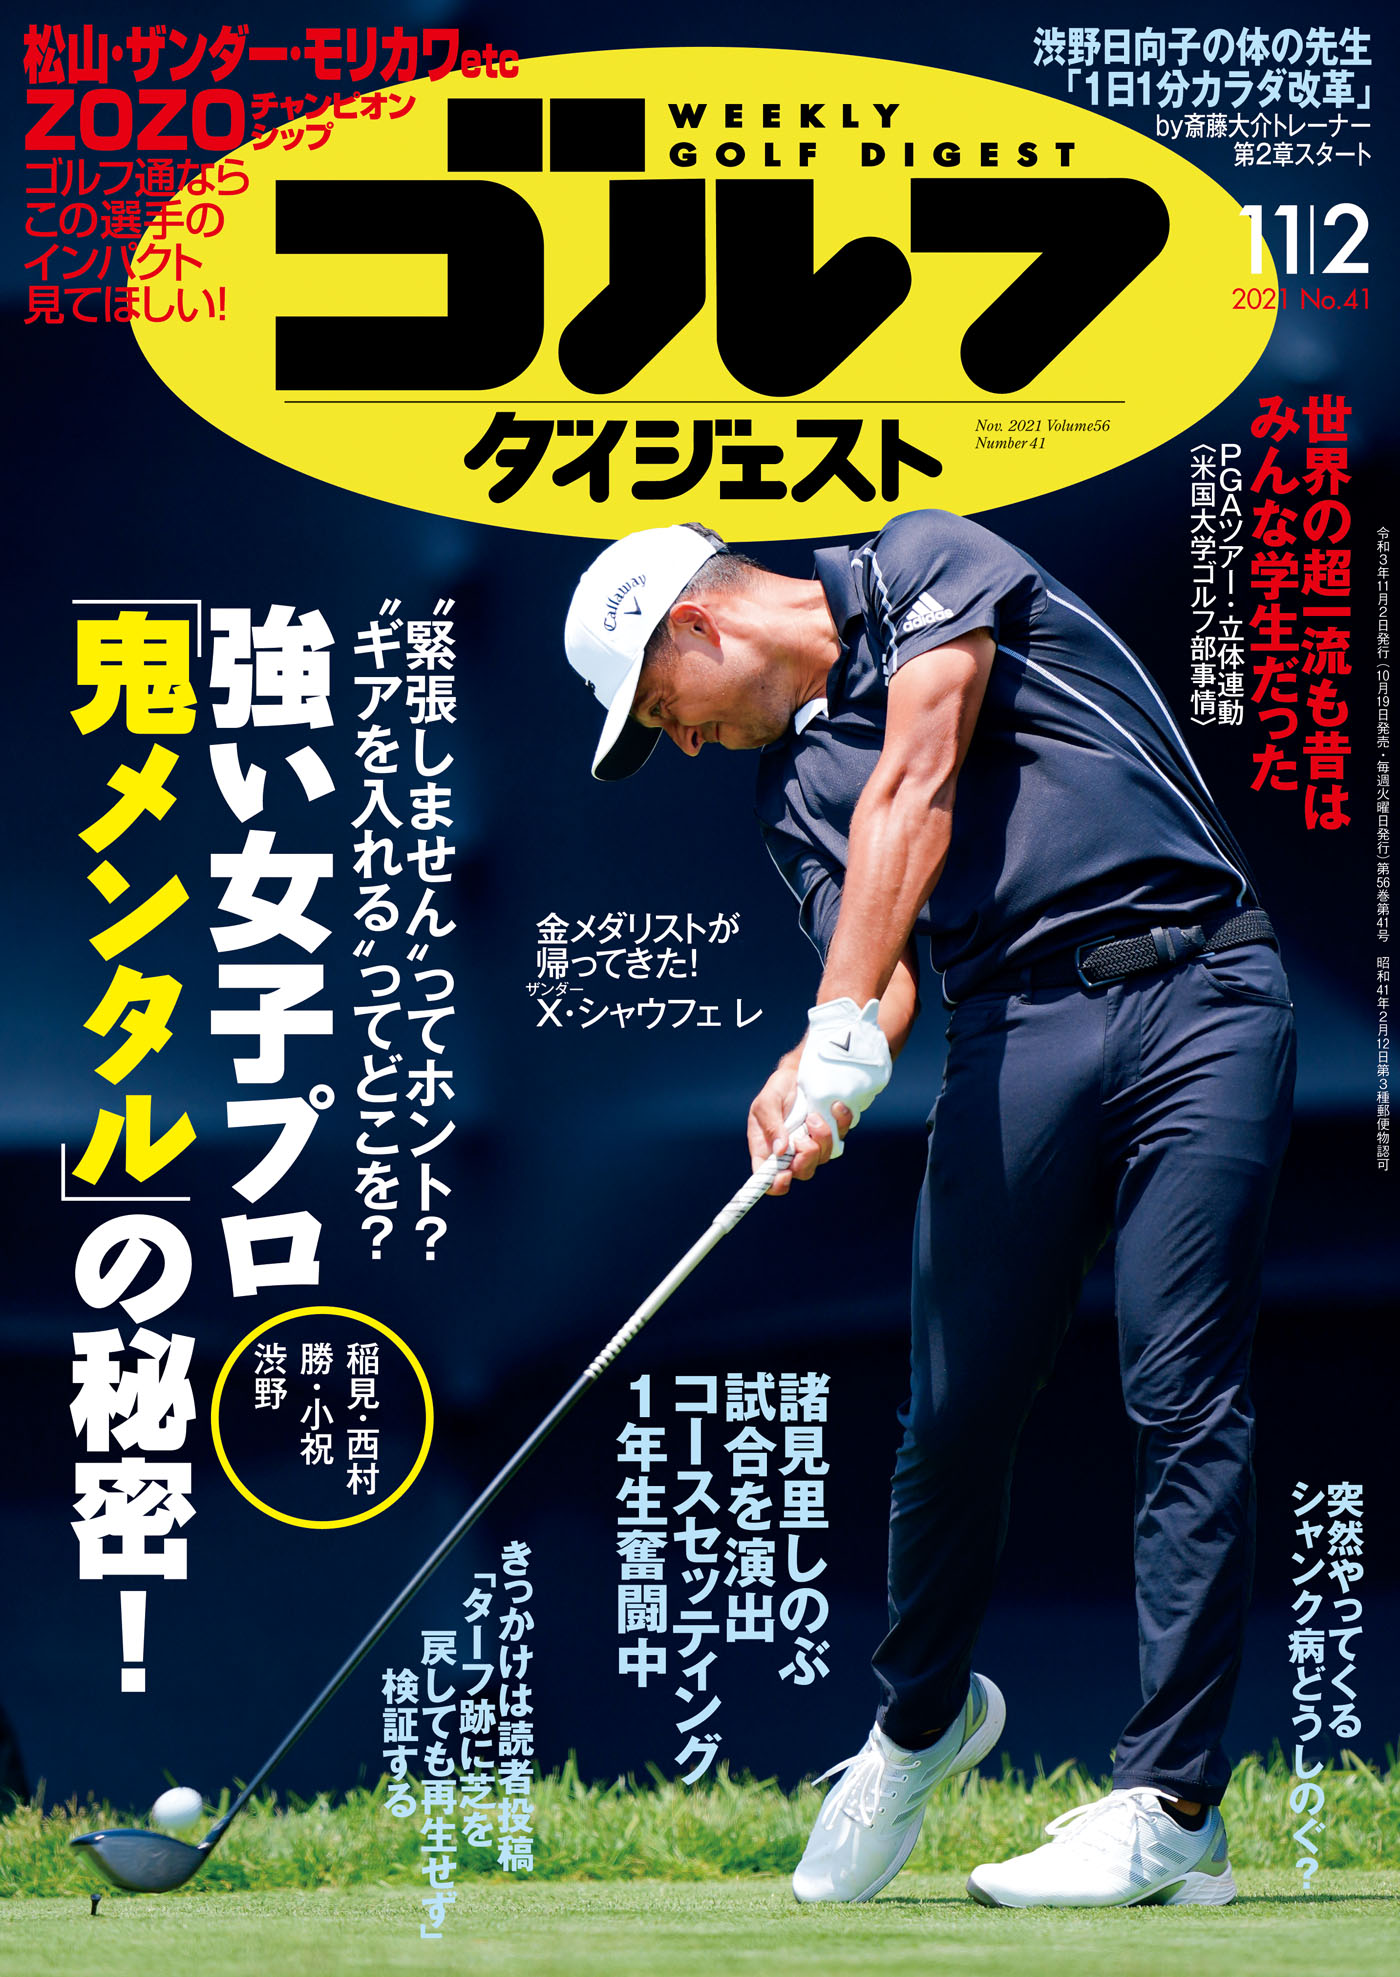 週刊ゴルフダイジェスト2021年11月2日号